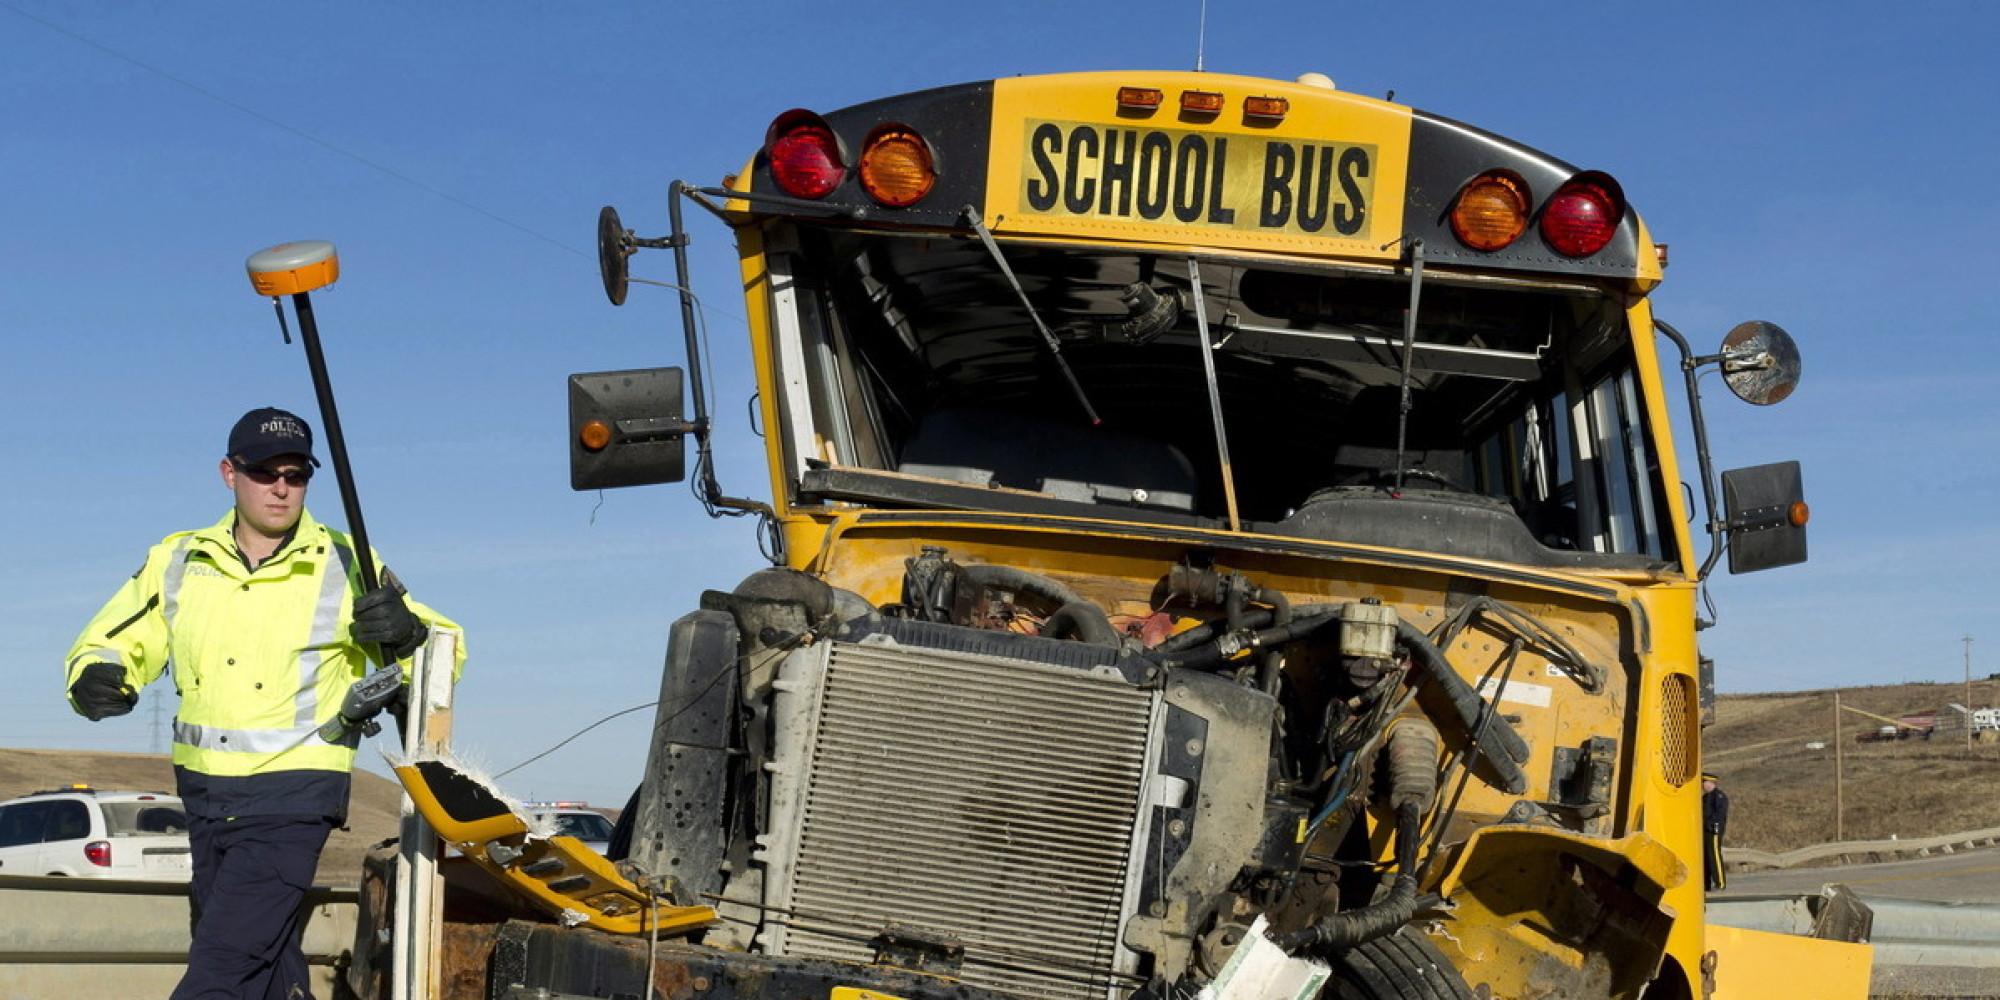 Klatka bezpieczeństwa - cała kabina w schoolbusie zbudowana jest tak, aby pozostać nienaruszoną nawet podczas rolowania.